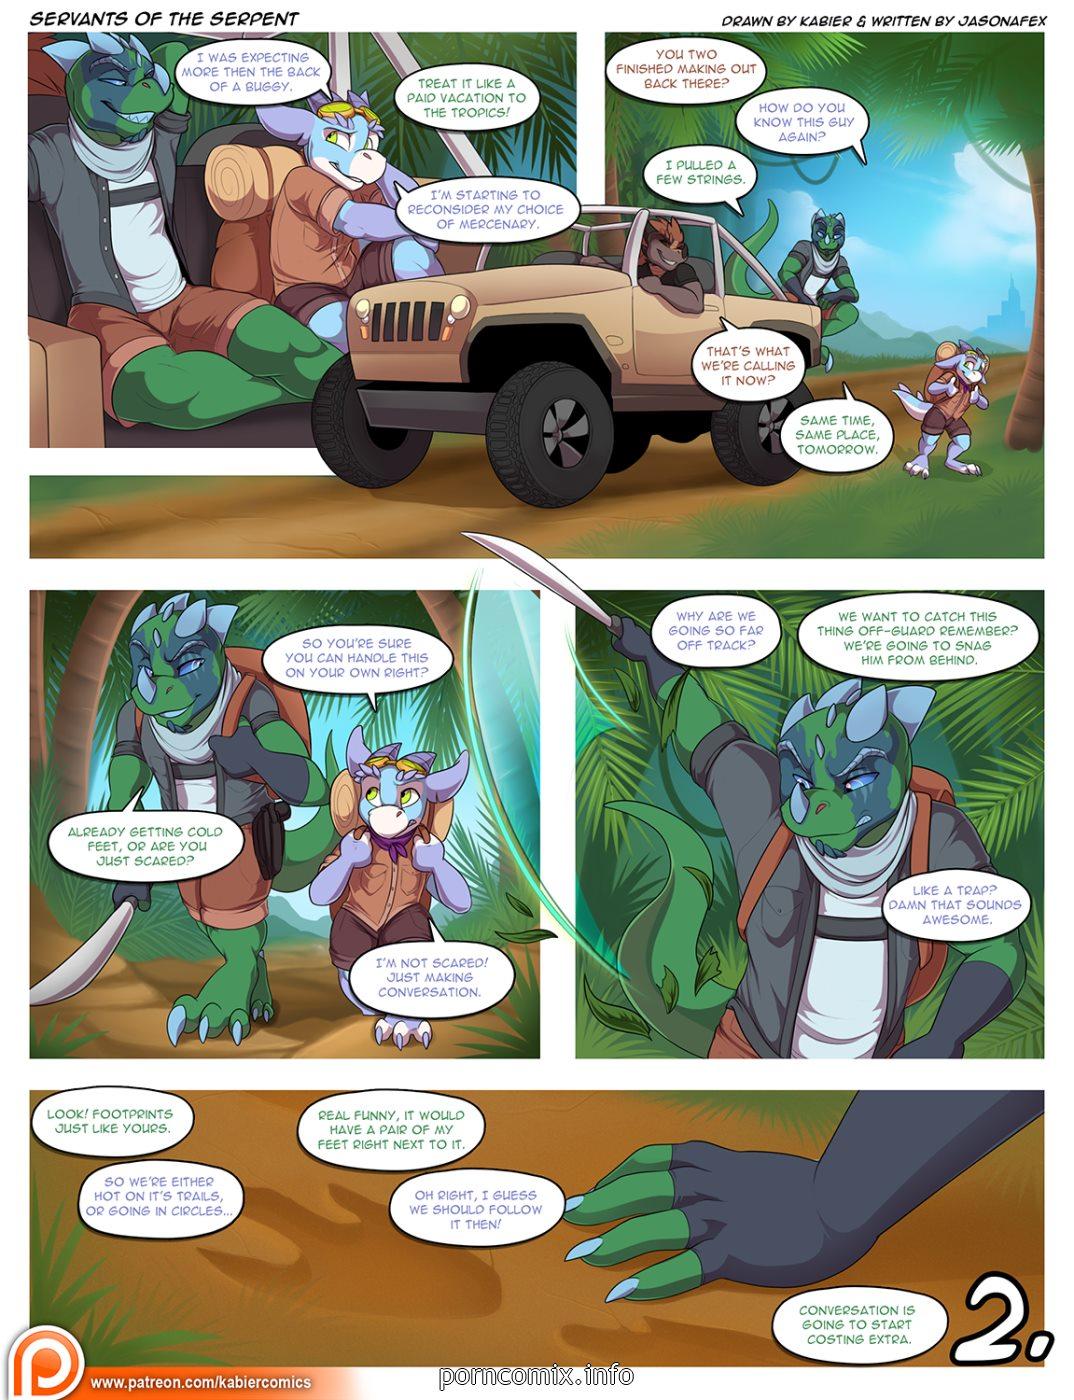 Kabier - Servants of the Serpent